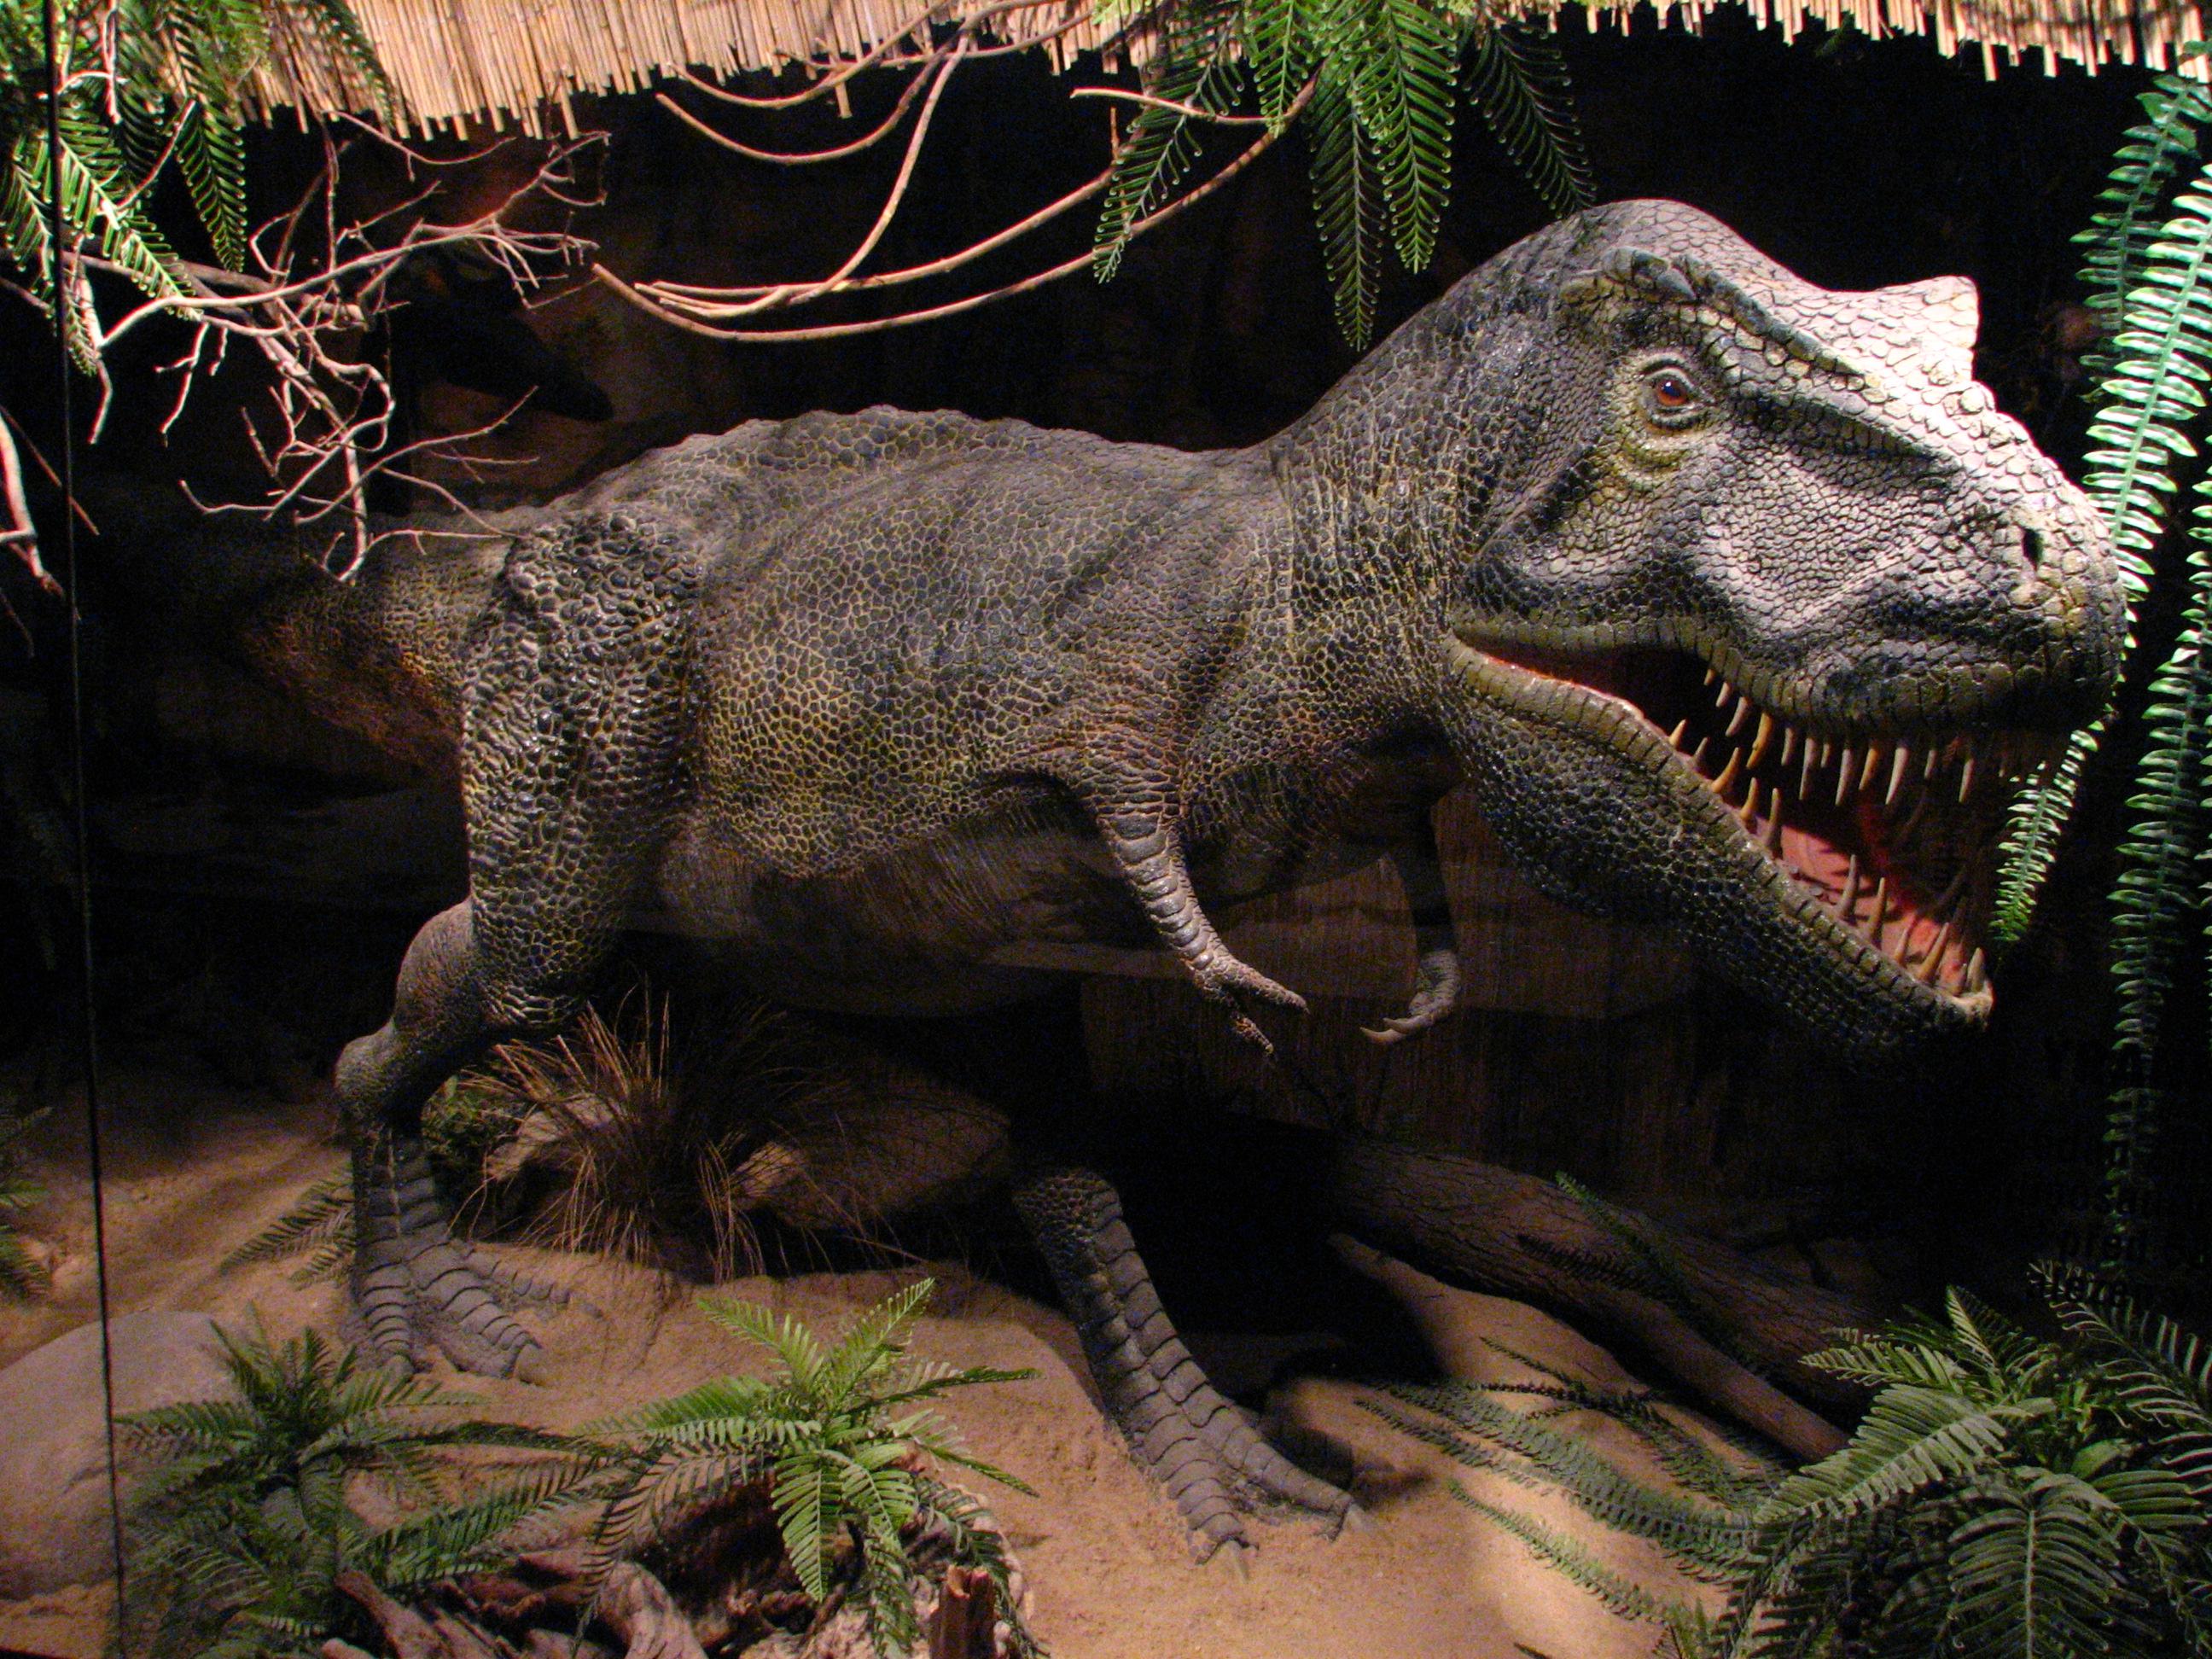 tyrannosaurus-01-zoo-dvur-kralove-2